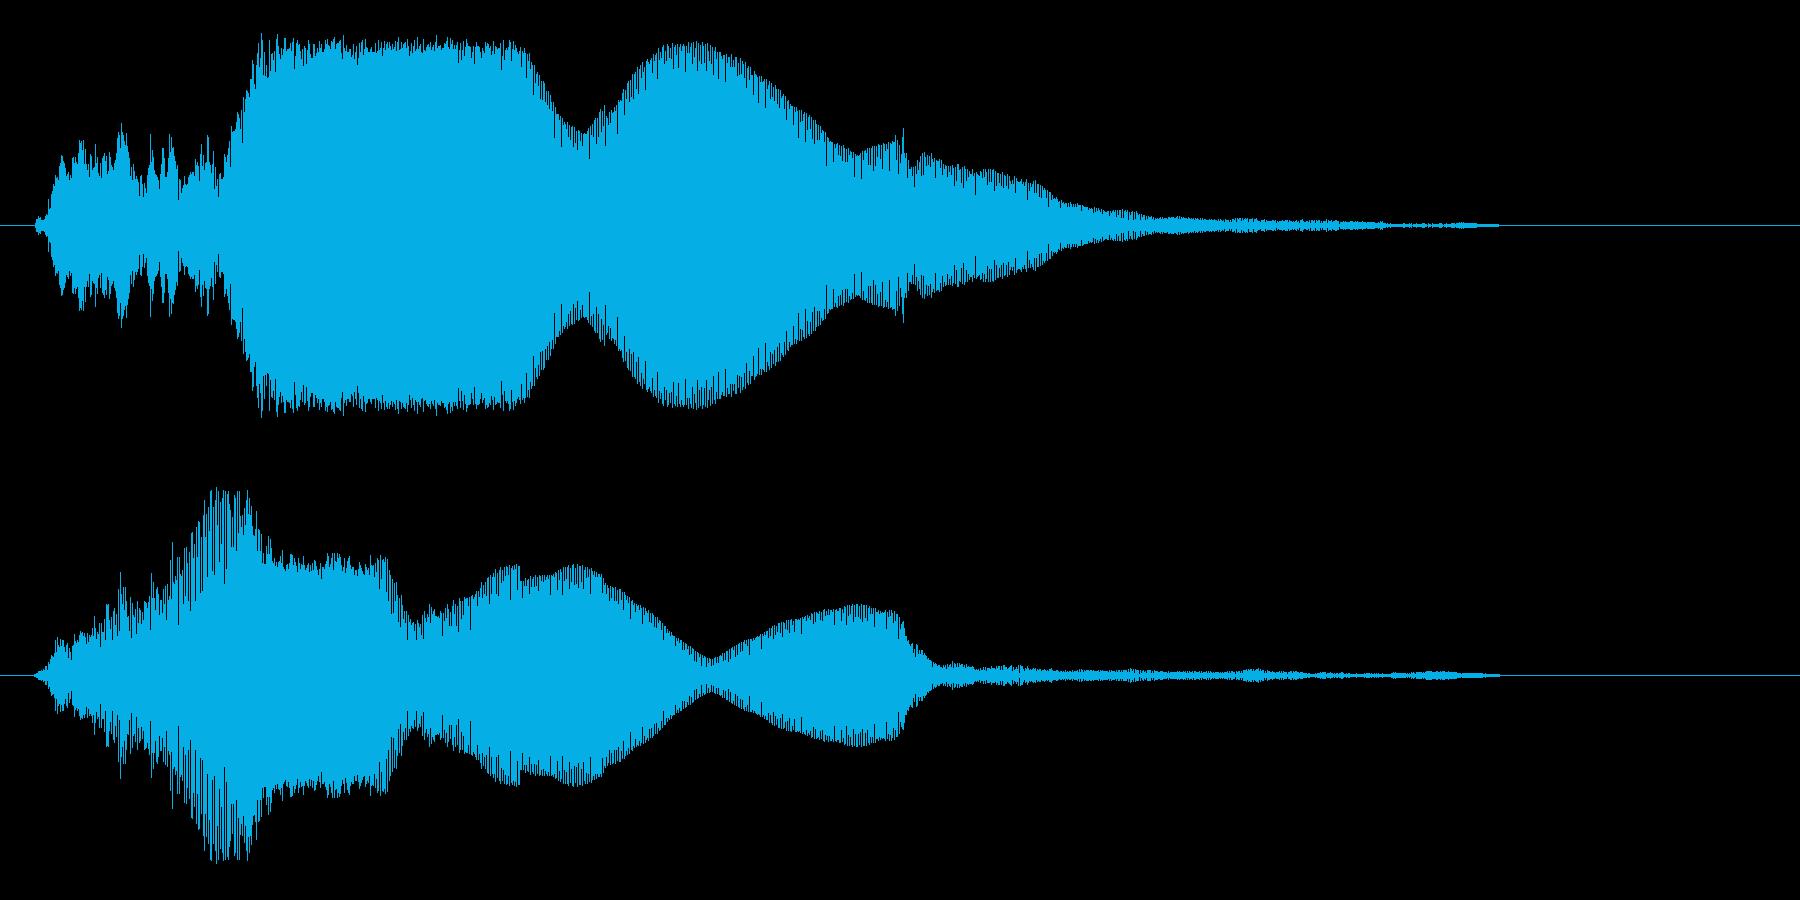 キンというガラスの音の再生済みの波形